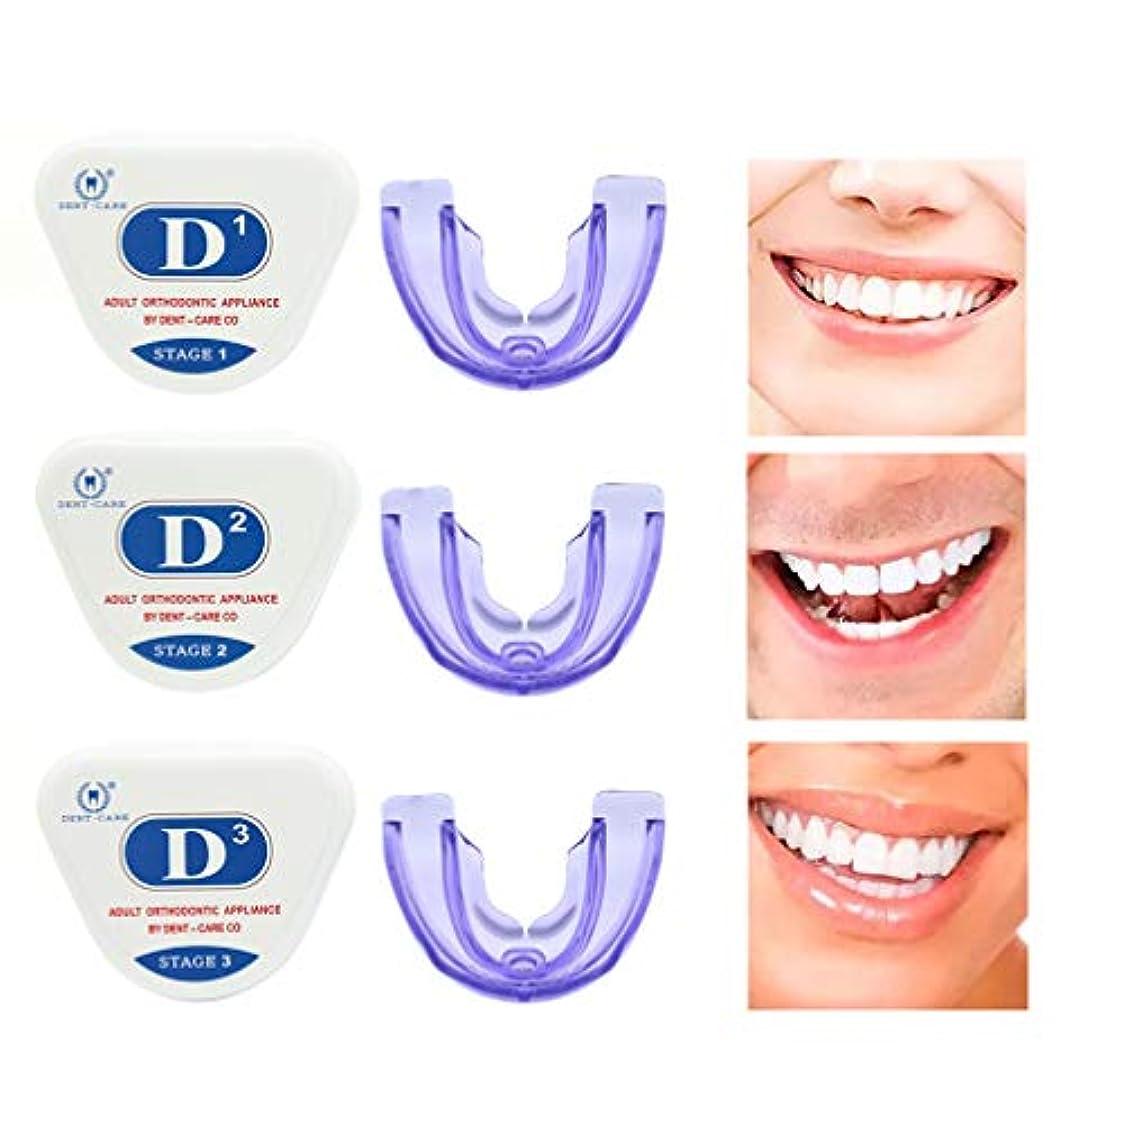 線大砲訪問歯合わせリテーナ、歯列矯正用リテーナ、歯列矯正用歯型アプライアンスナイトマウスガードスリム、矯正用プロテクター、歯科矯正トレーナ,D1+D2+D3